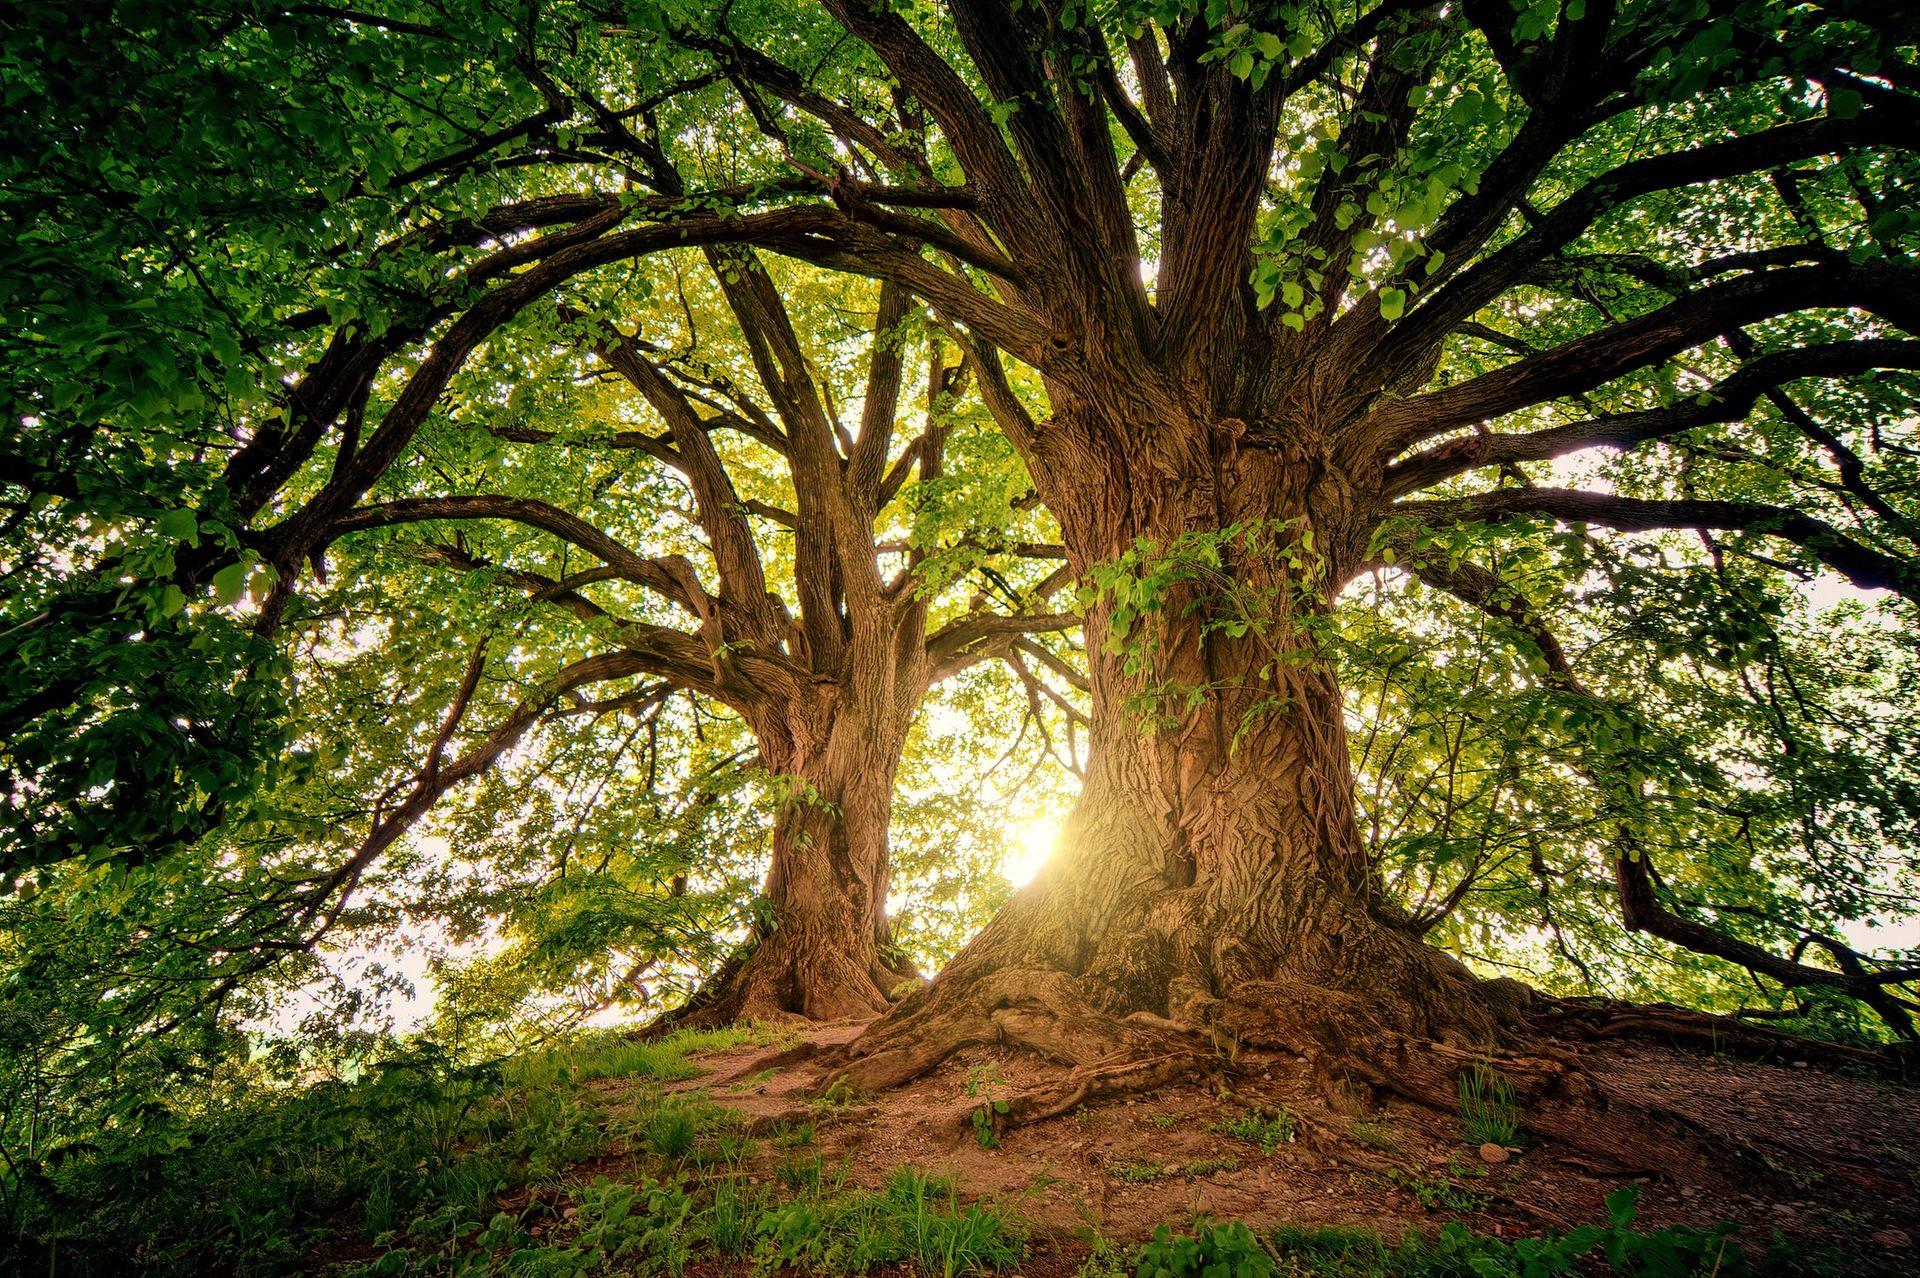 Träd kan absorbera majoriteten av världens koldioxidutsläpp